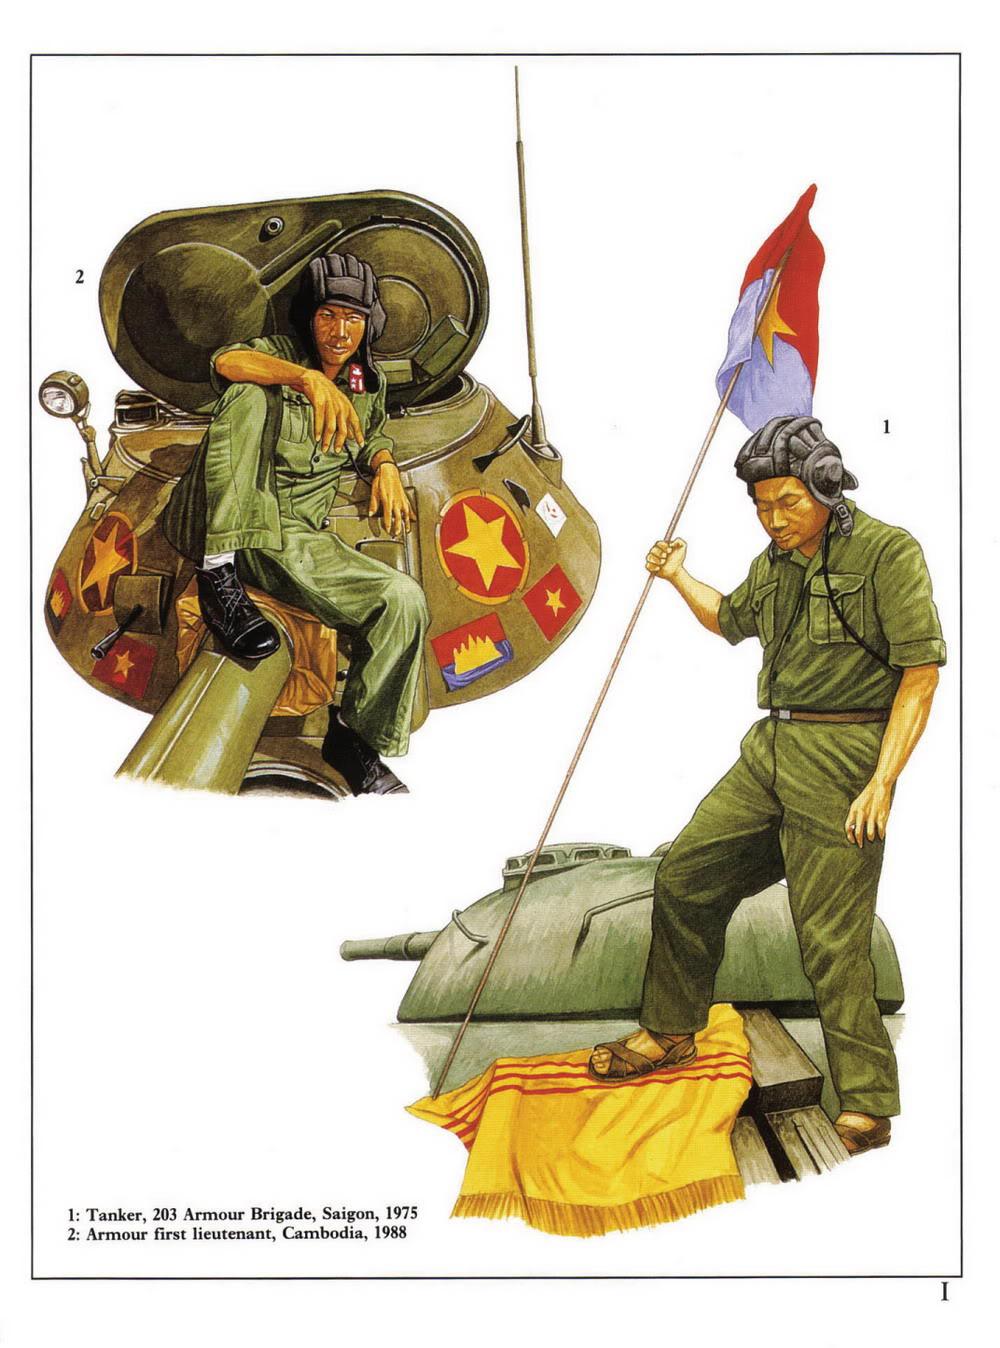 1 - Chiến sĩ xe tăng thuộc Lữ đoàn tăng thiết giáp 203 tại mặt trận